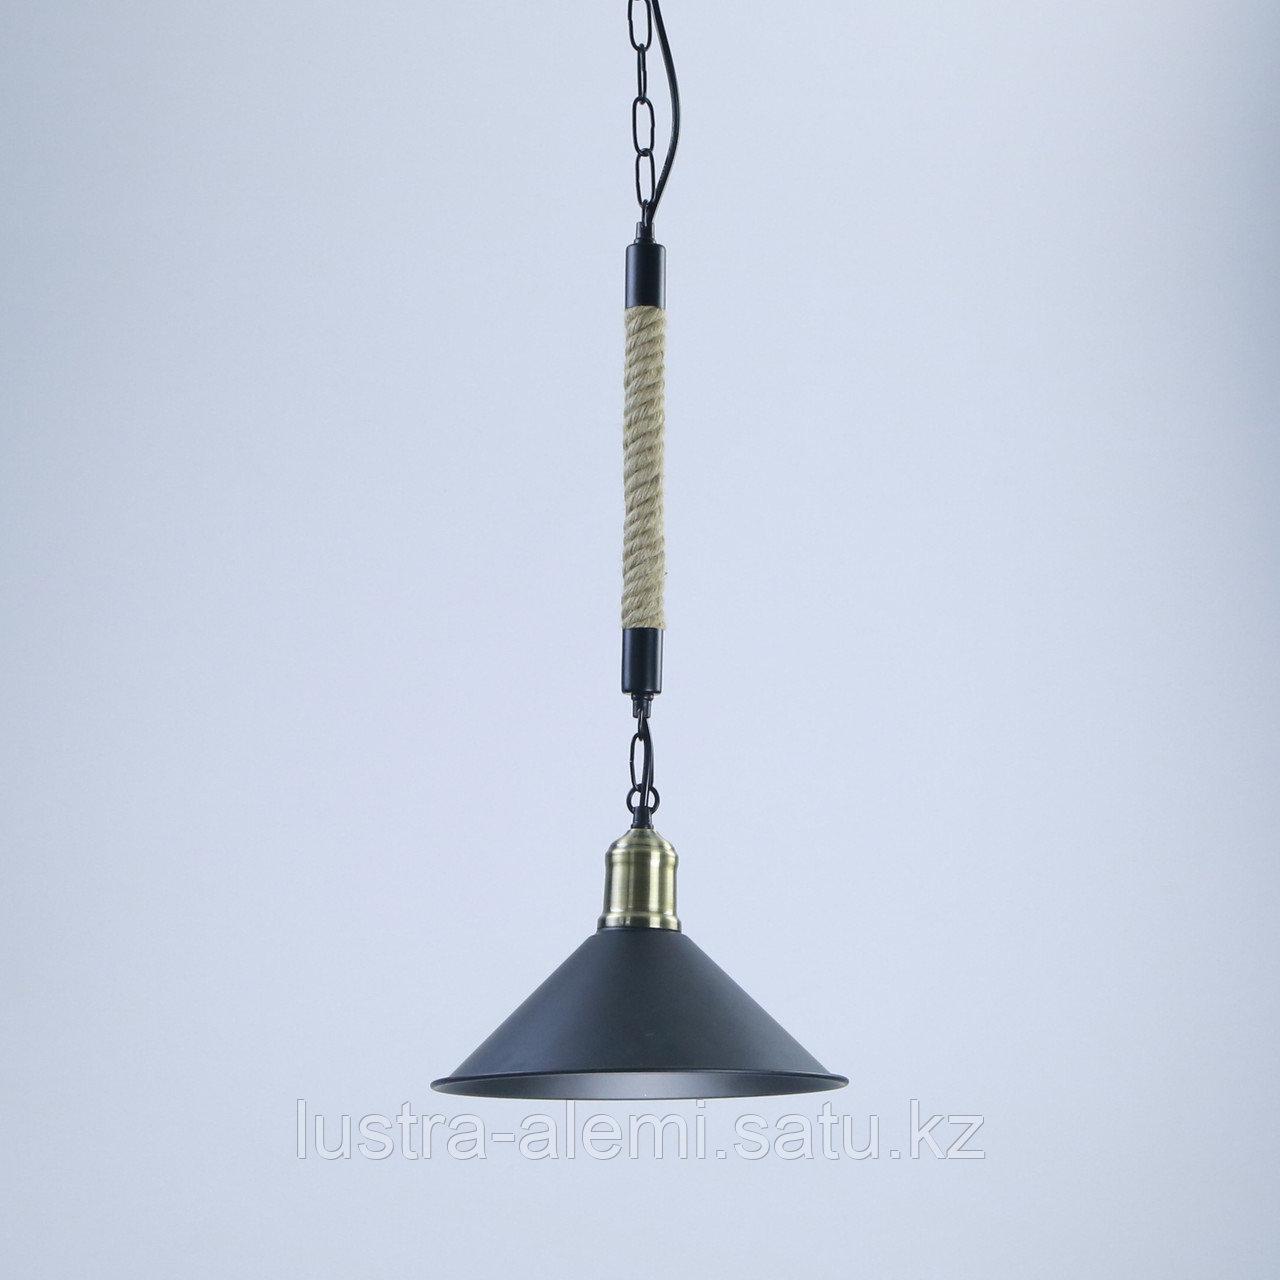 Люстра Подвесная TG 0081/1 BK Rope